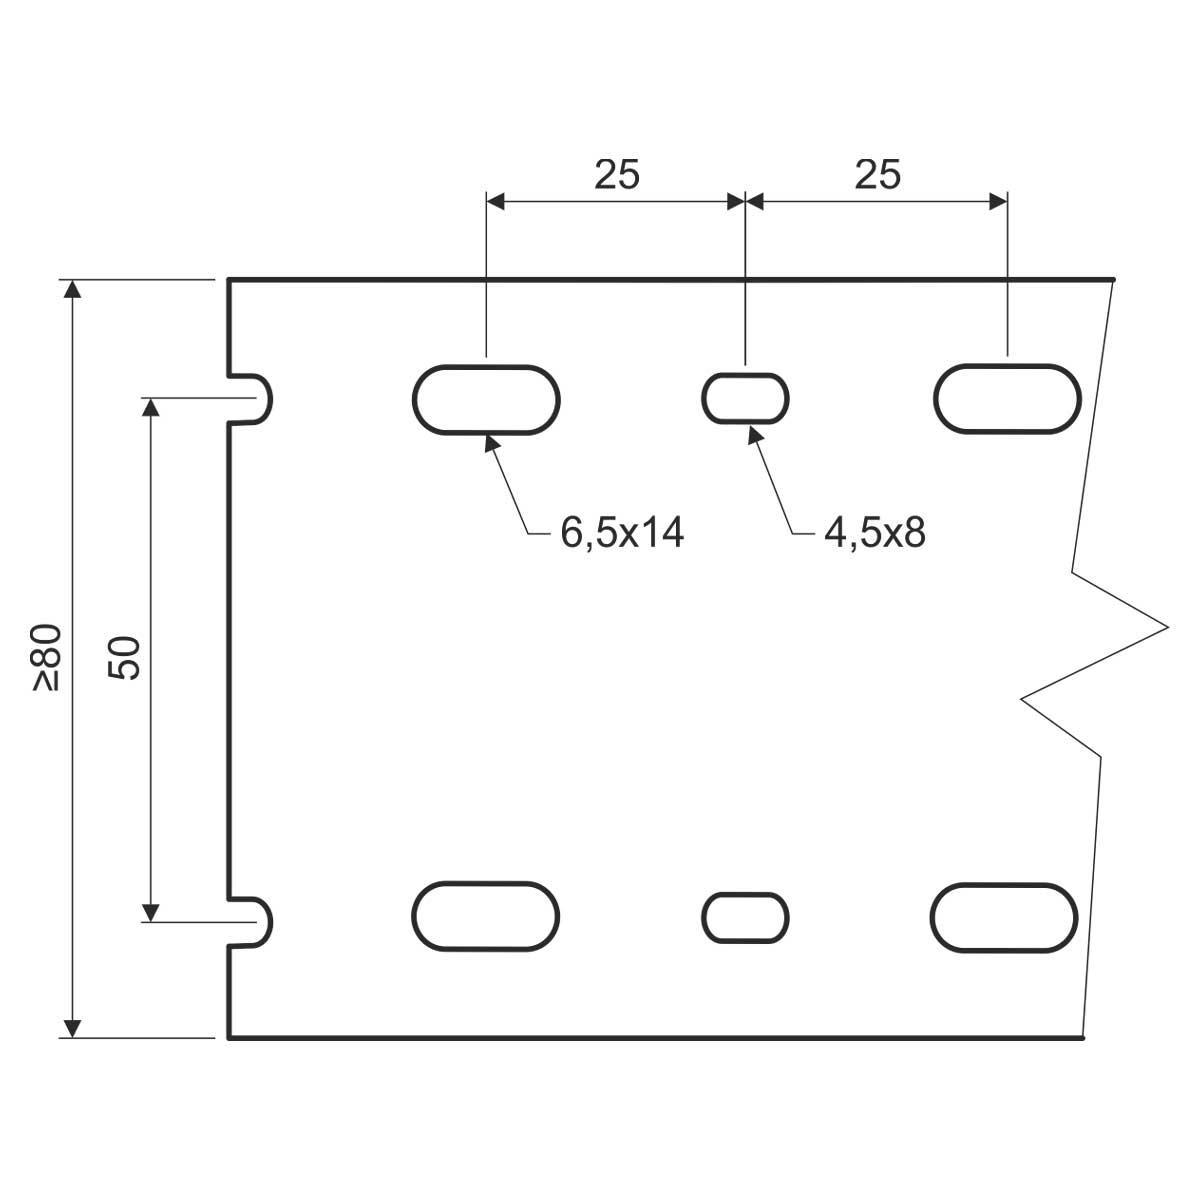 Кабельний канал перфорований100х60мм; довжина 2м.ш.ребра-5,5мм;між ребрами- 4,5мм;  ПВХ; сірий